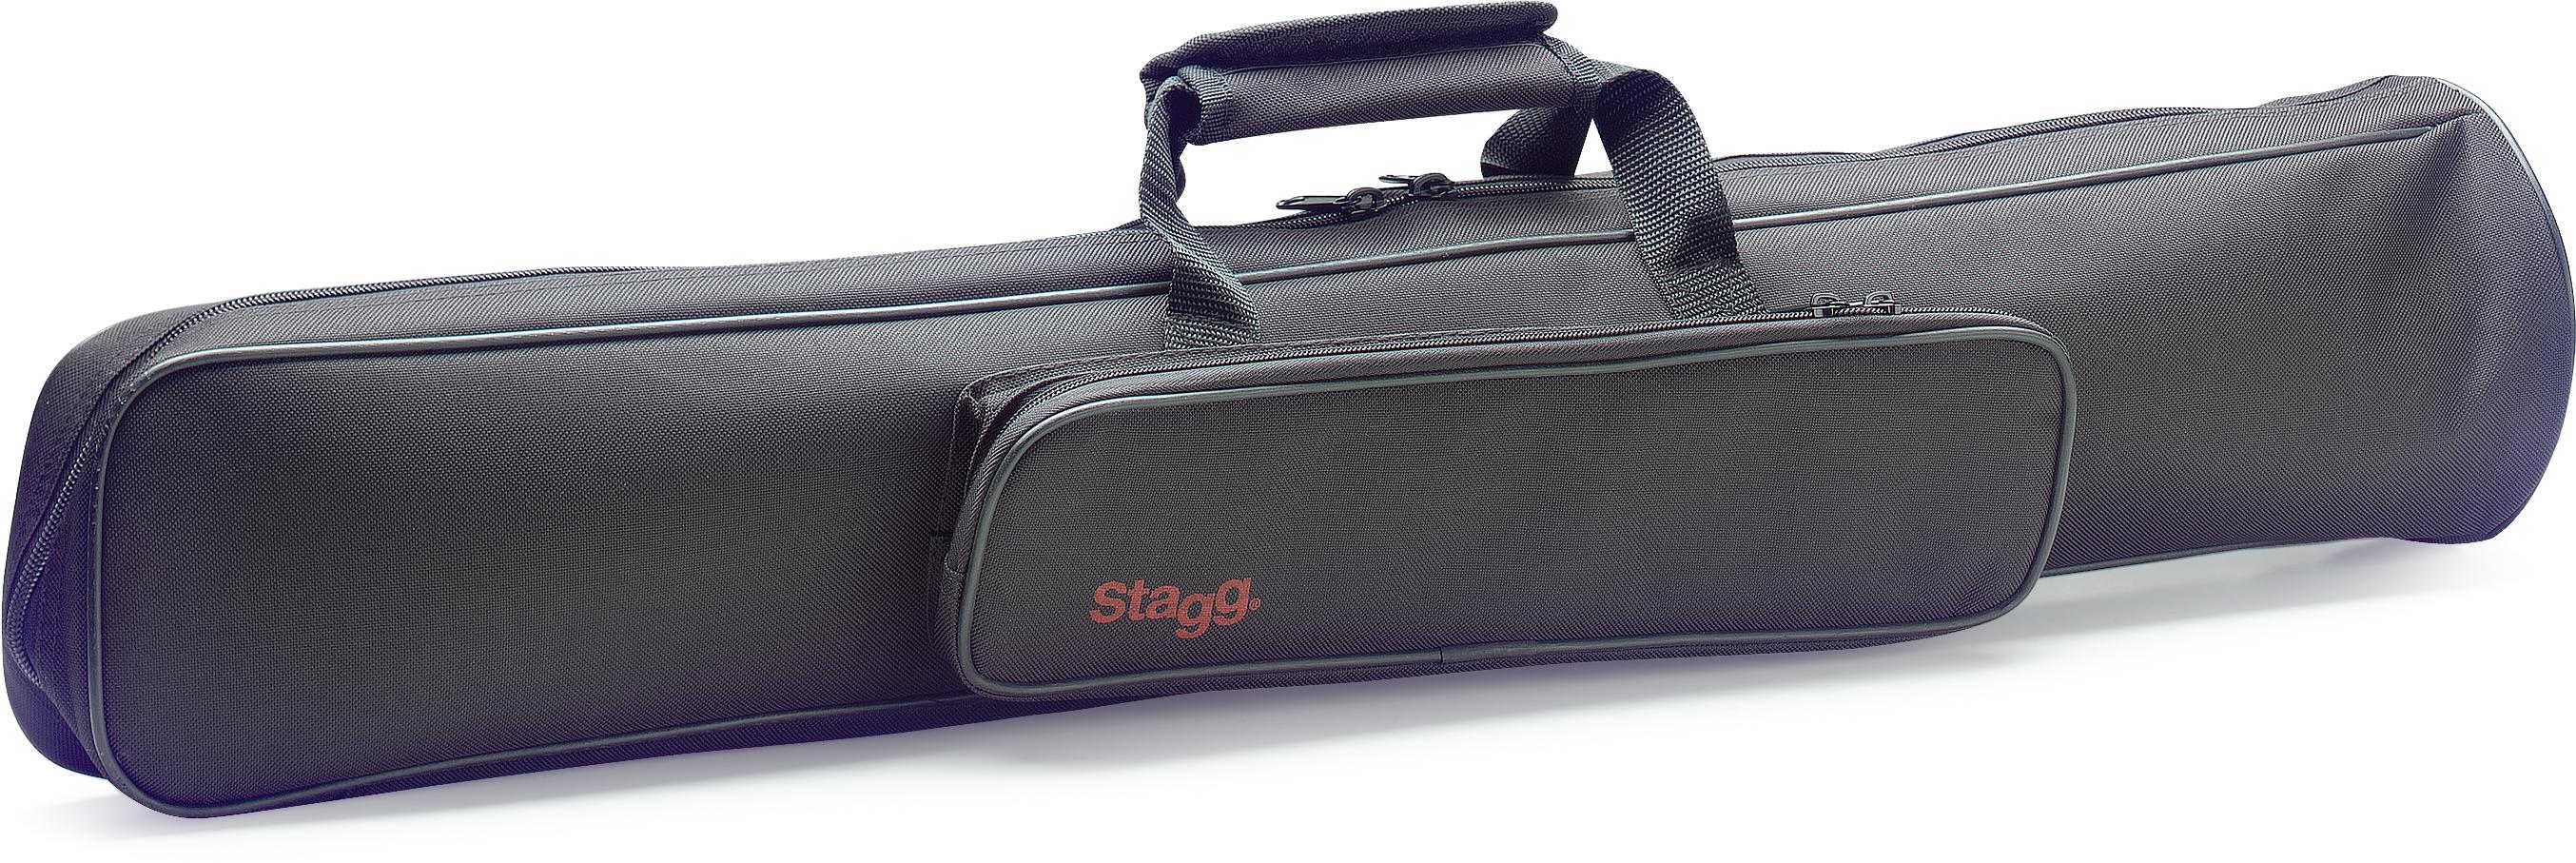 Stagg SC-FTL, pouzdro pro fanfárovou trubku